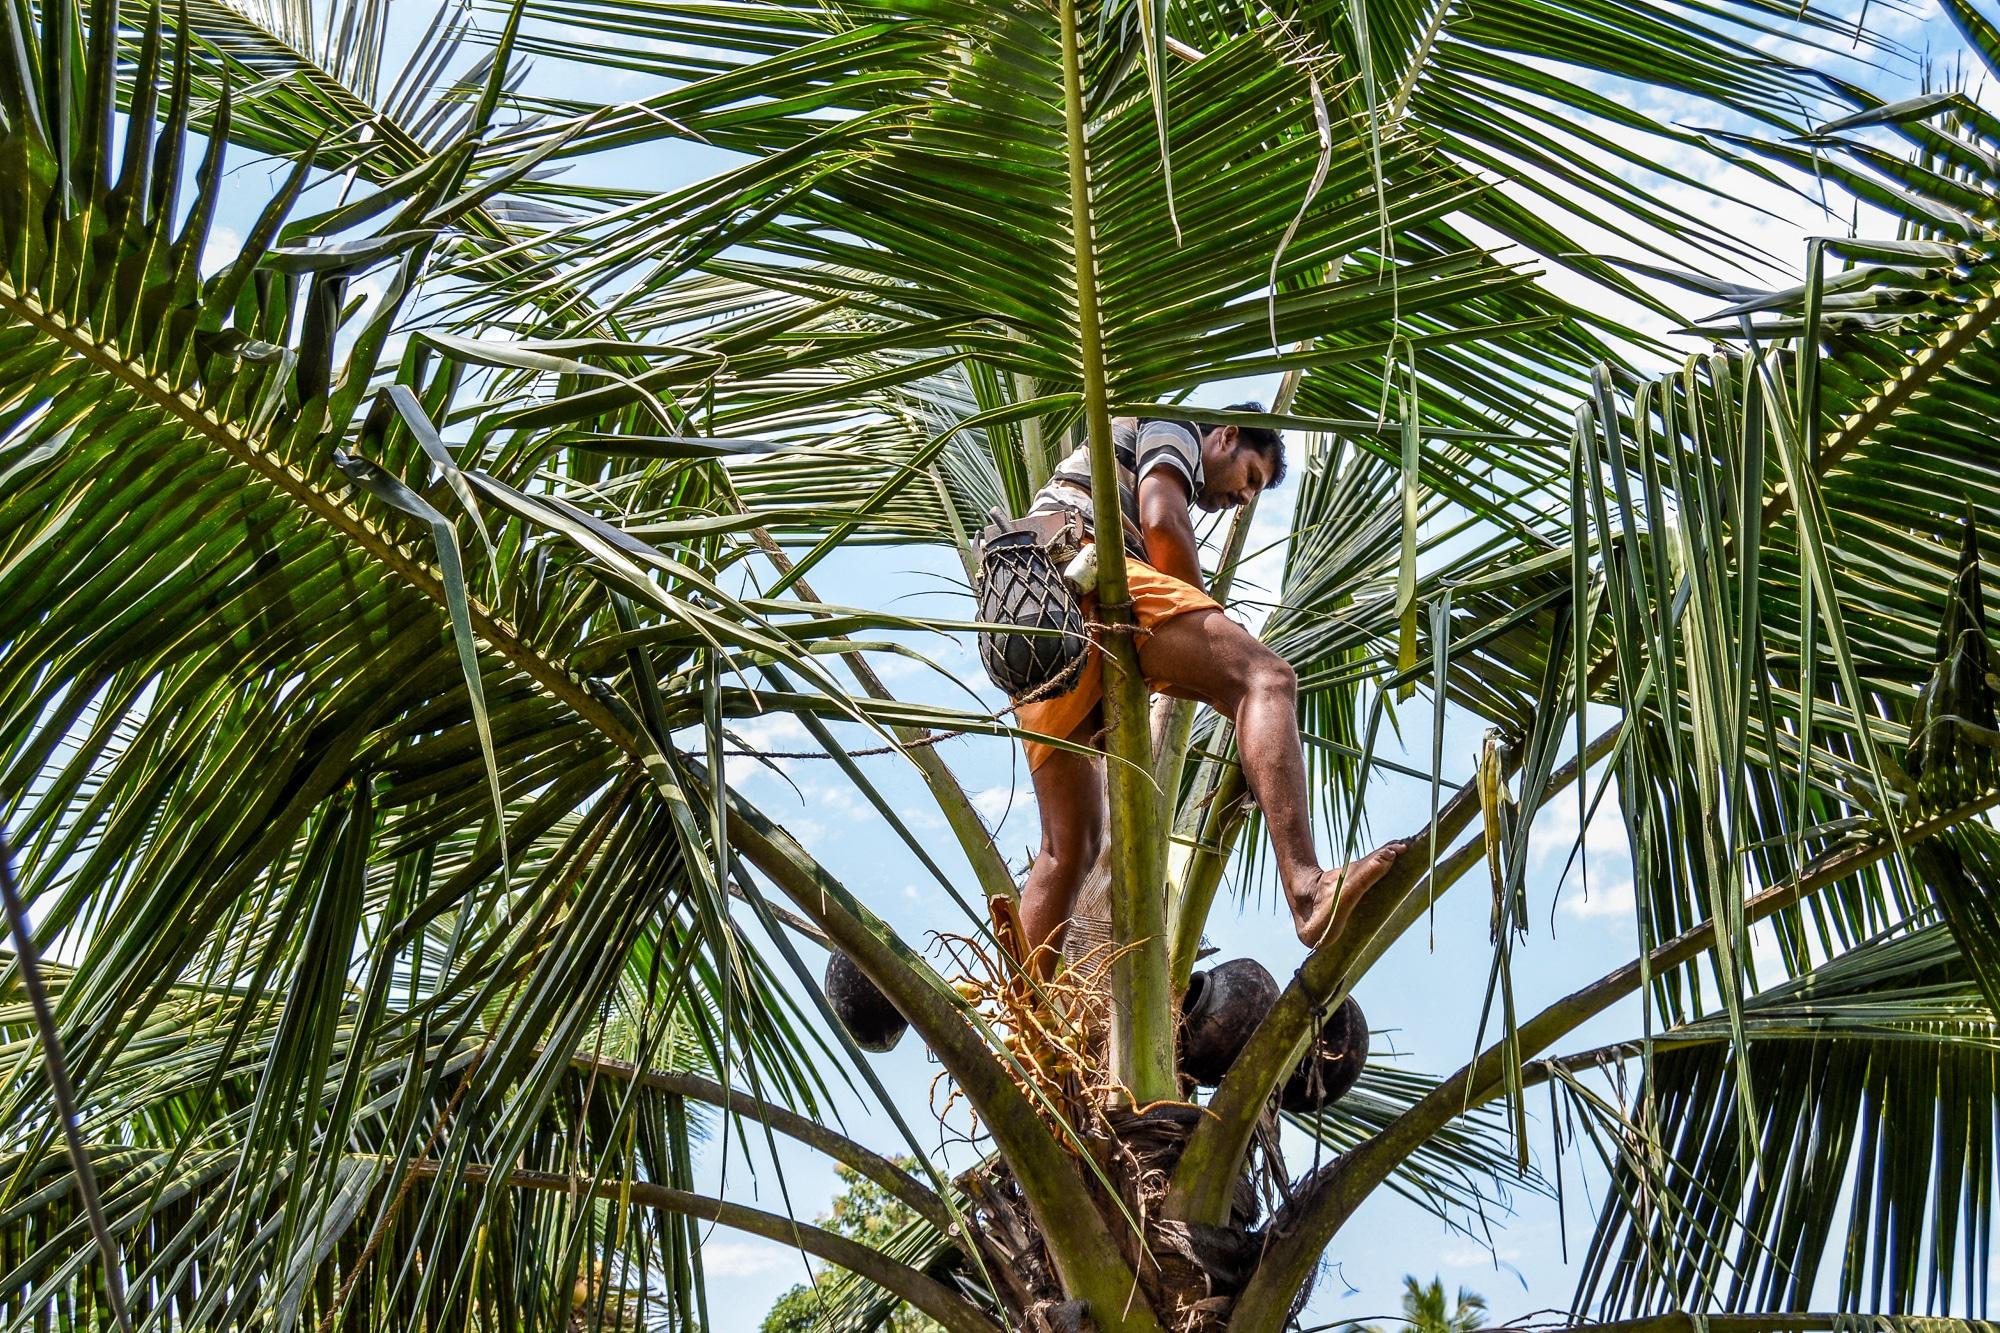 Kerala: Sehenswürdigkeiten, Kultur und Kulinarik im südlichen Indien - Mann klettert auf Kokospalme